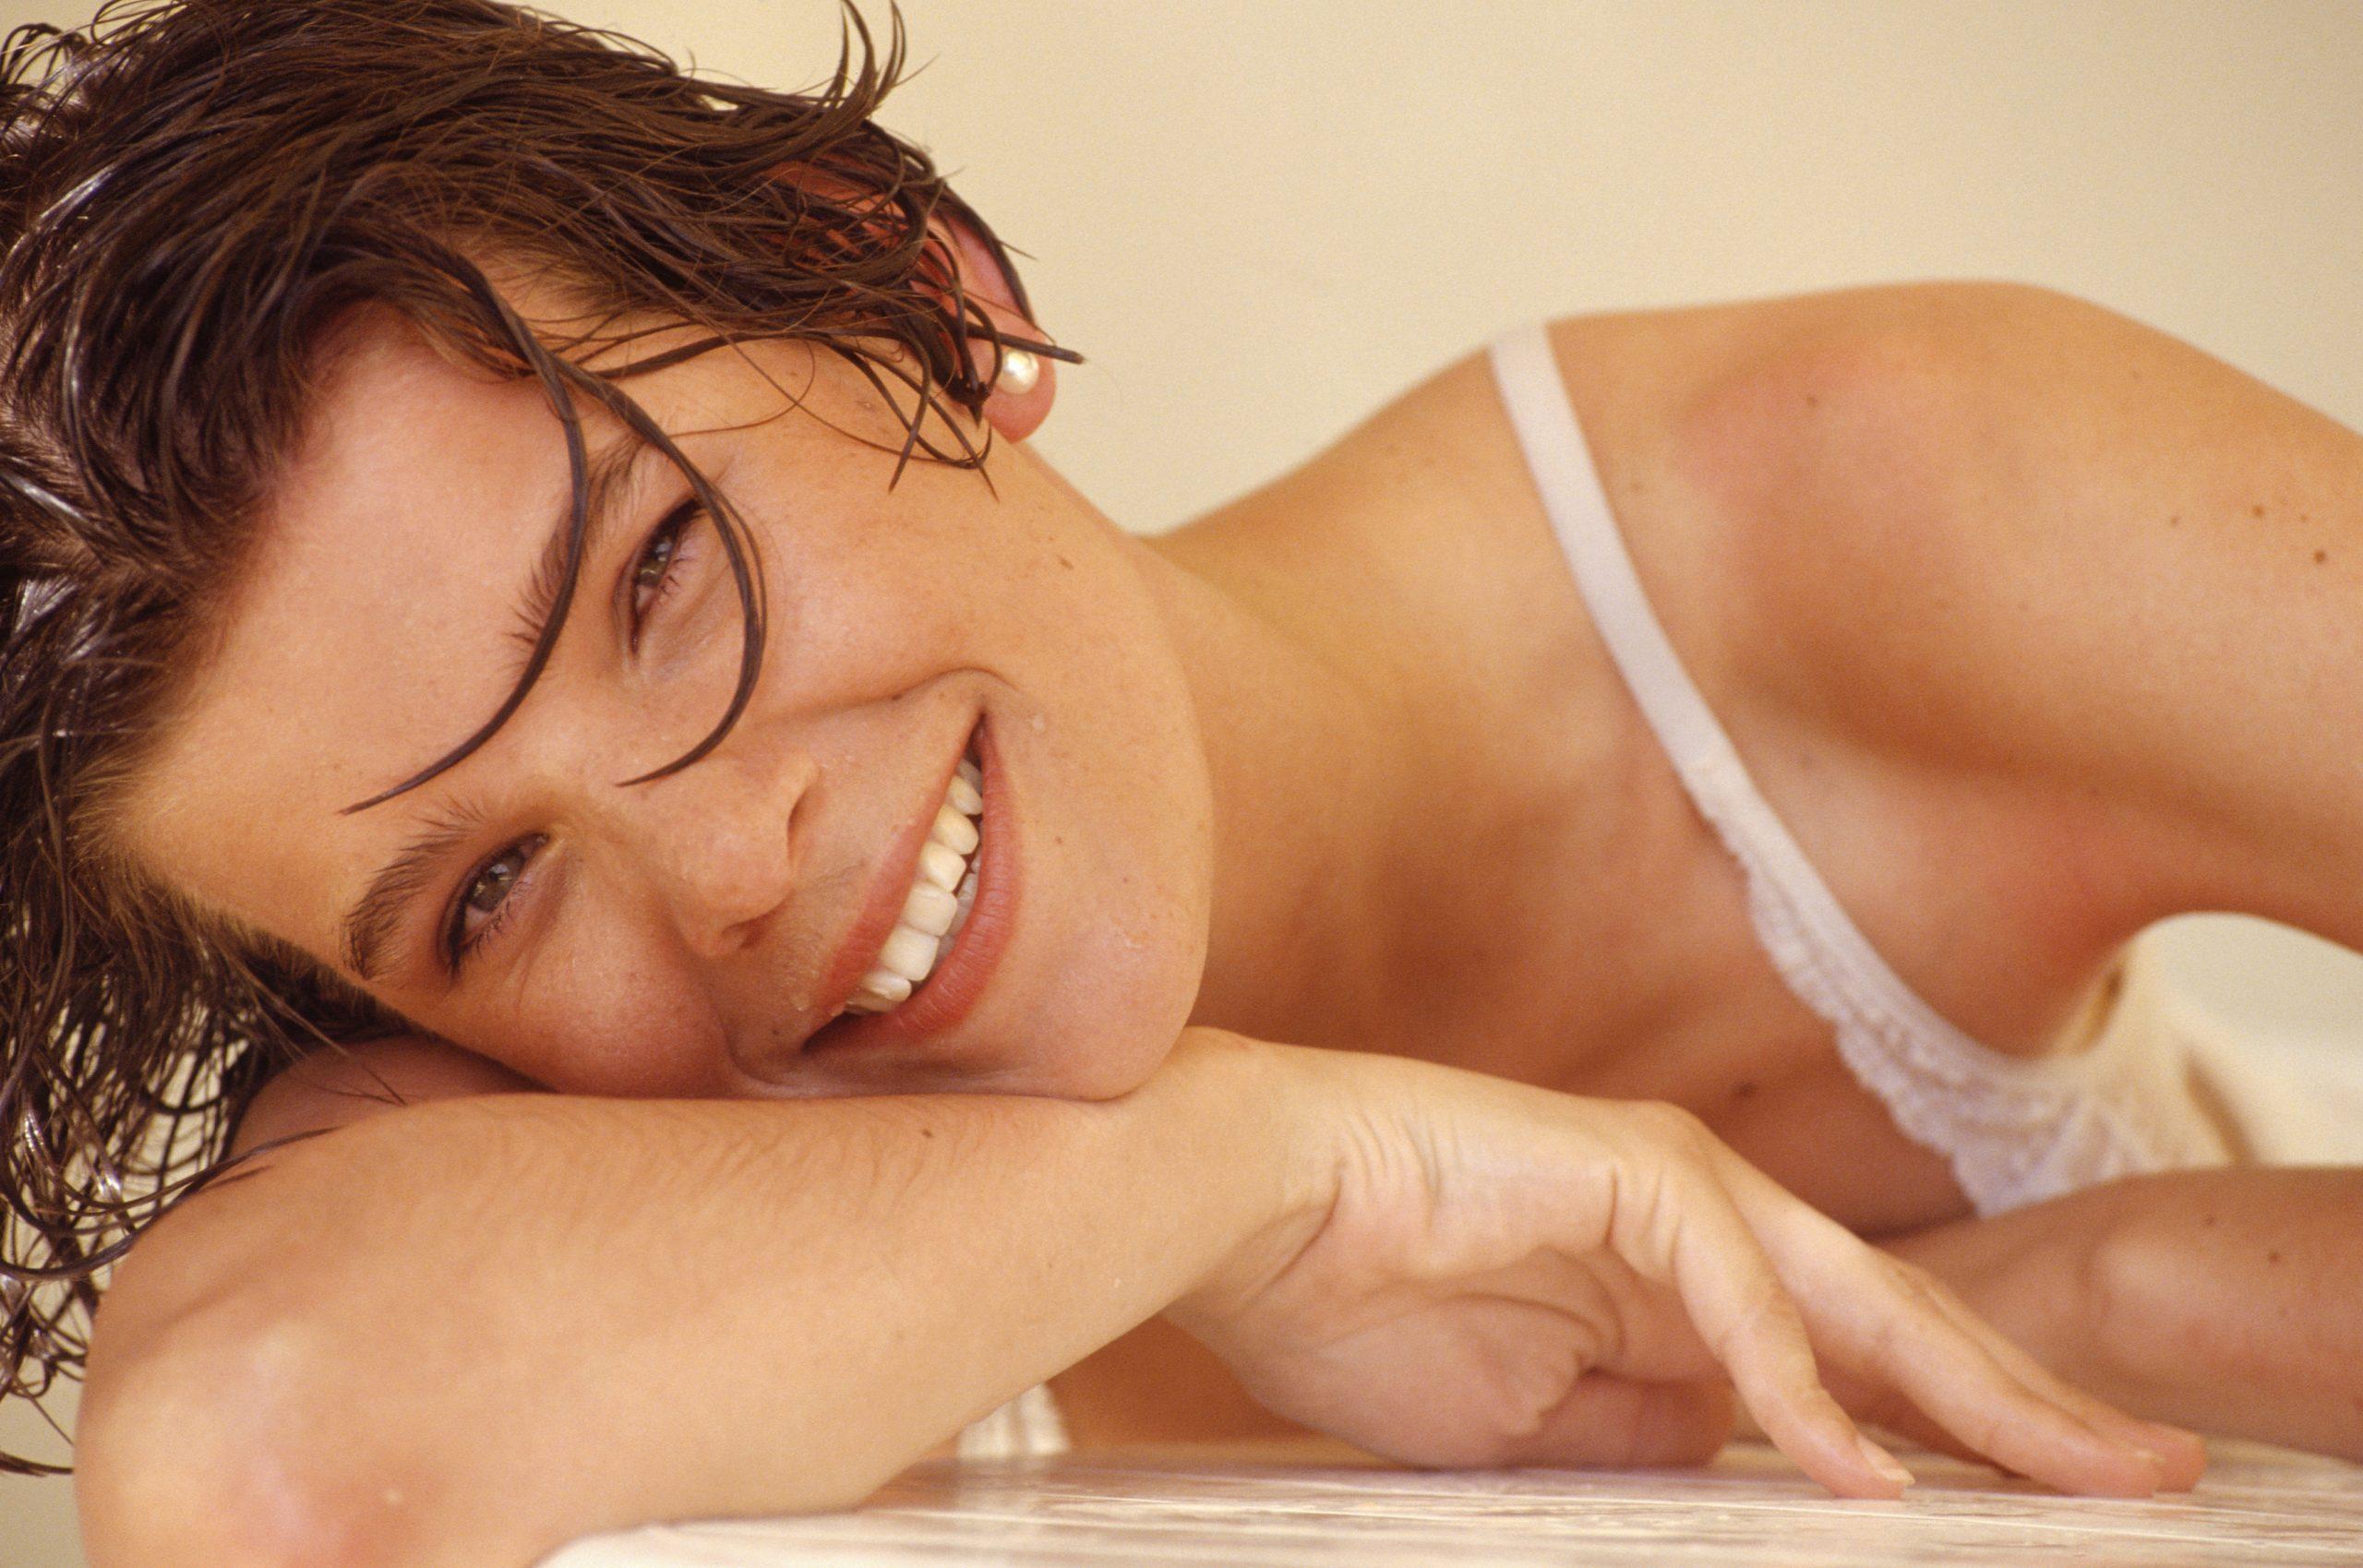 mokra kosa - kako je pravilno tretirati